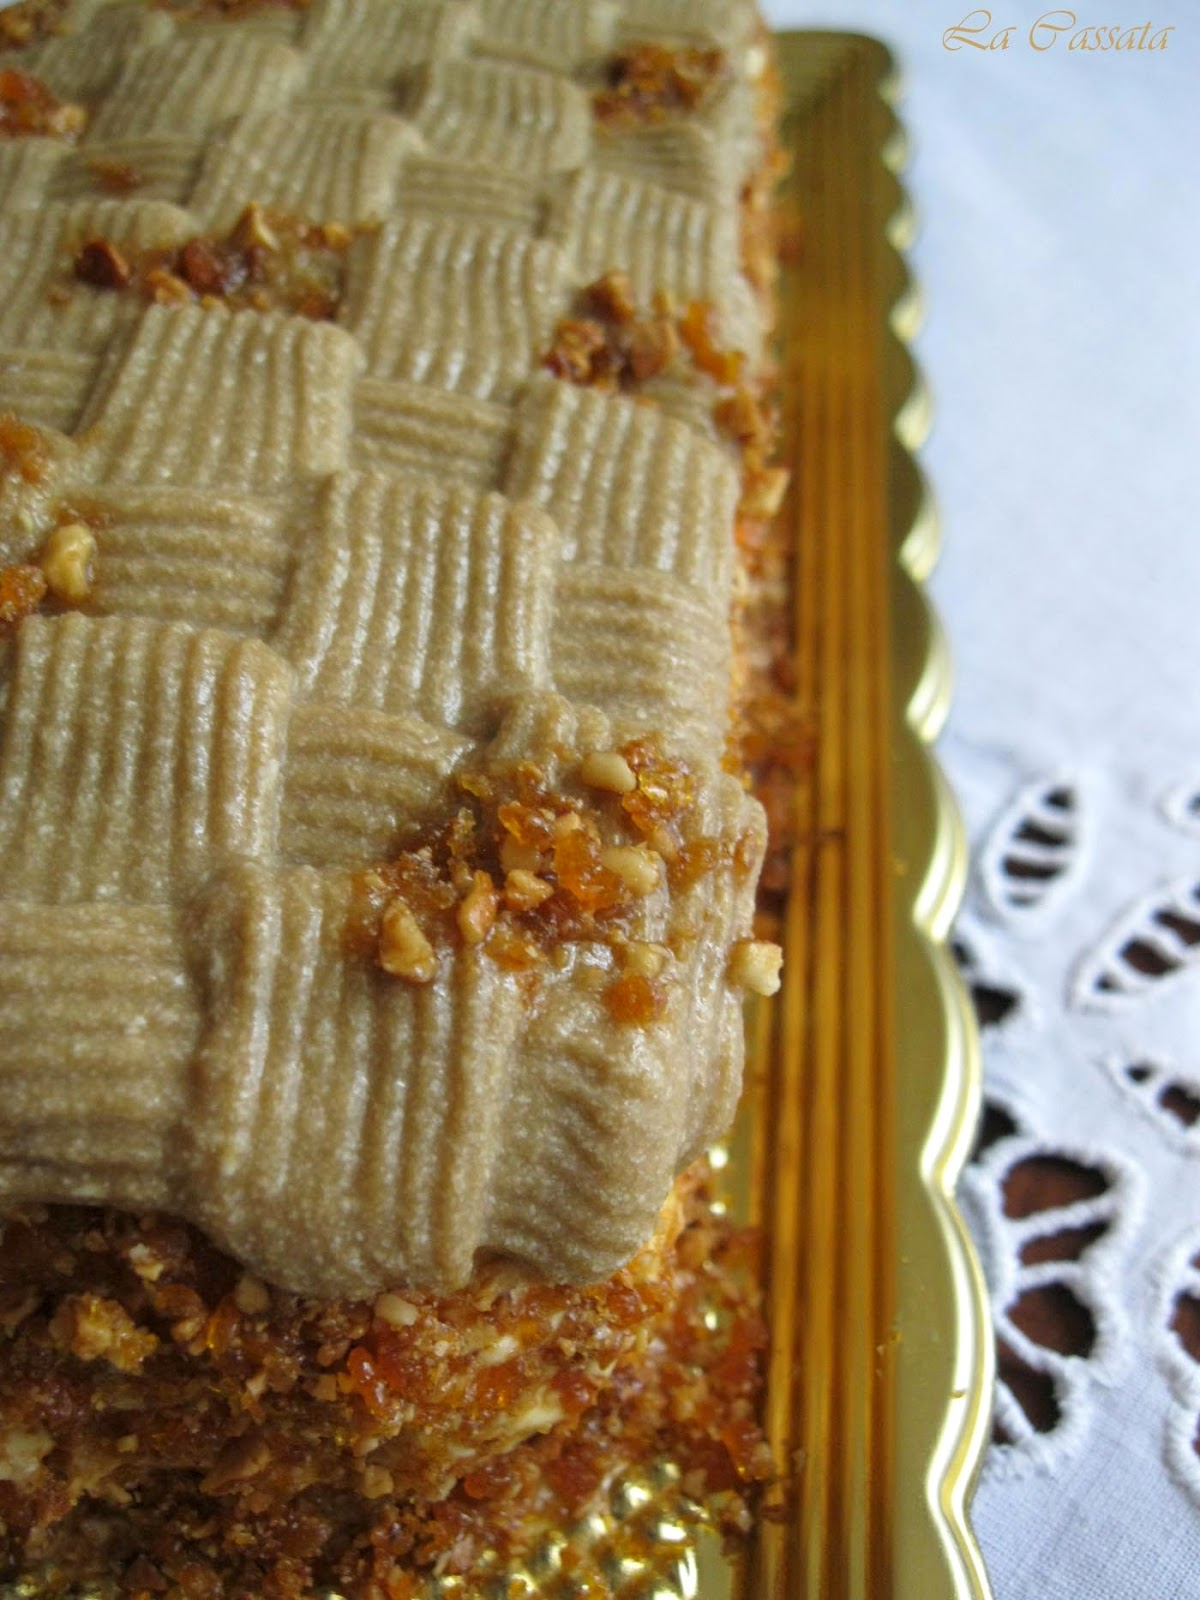 Trancetto con crema al caffè e crema al mascarpone - La Cassata Celiaca